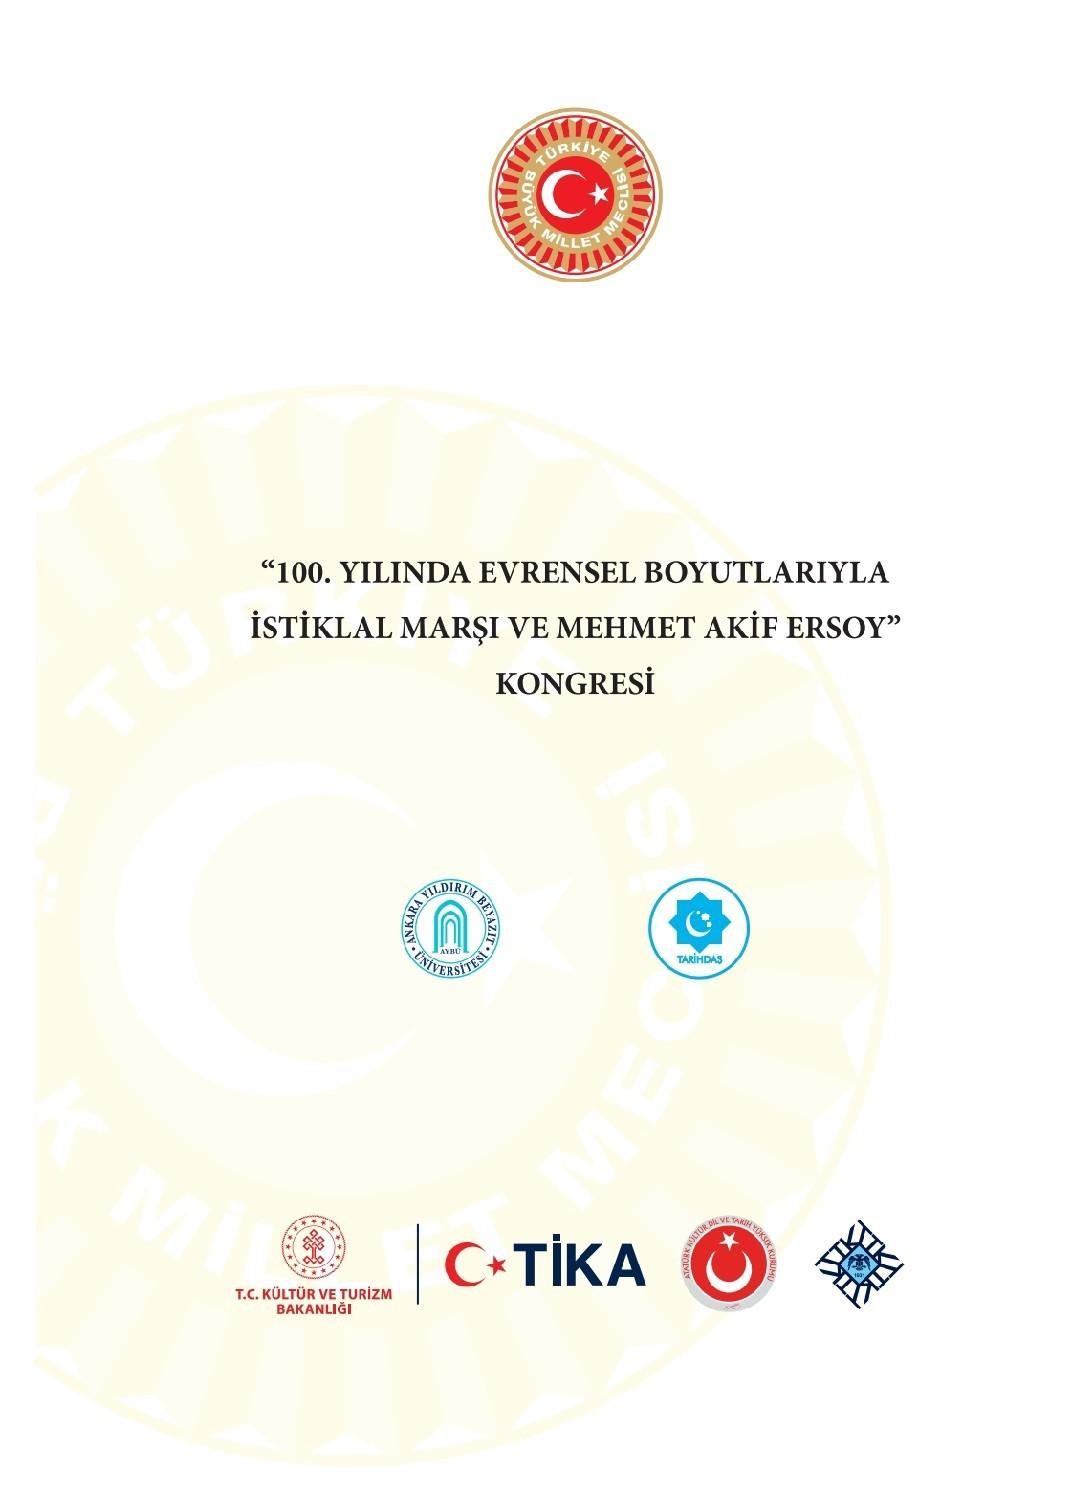 İstiklâl Marşı ve Mehmet Akif Ersoy evrensel boyutlarıyla ele alınacak #corum